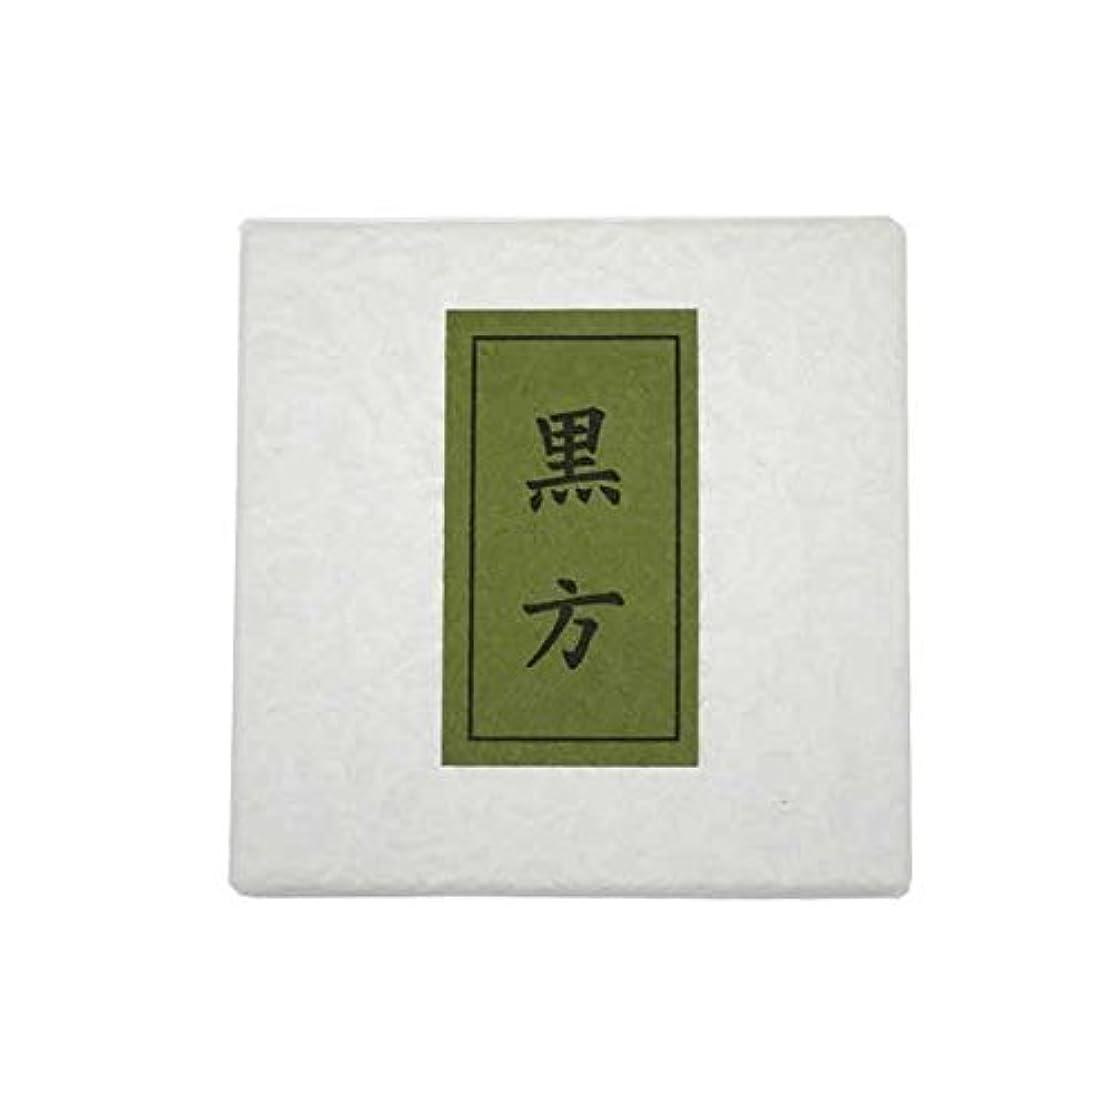 人気の砂漠フォーラム黒方 紙箱入(ビニール入)